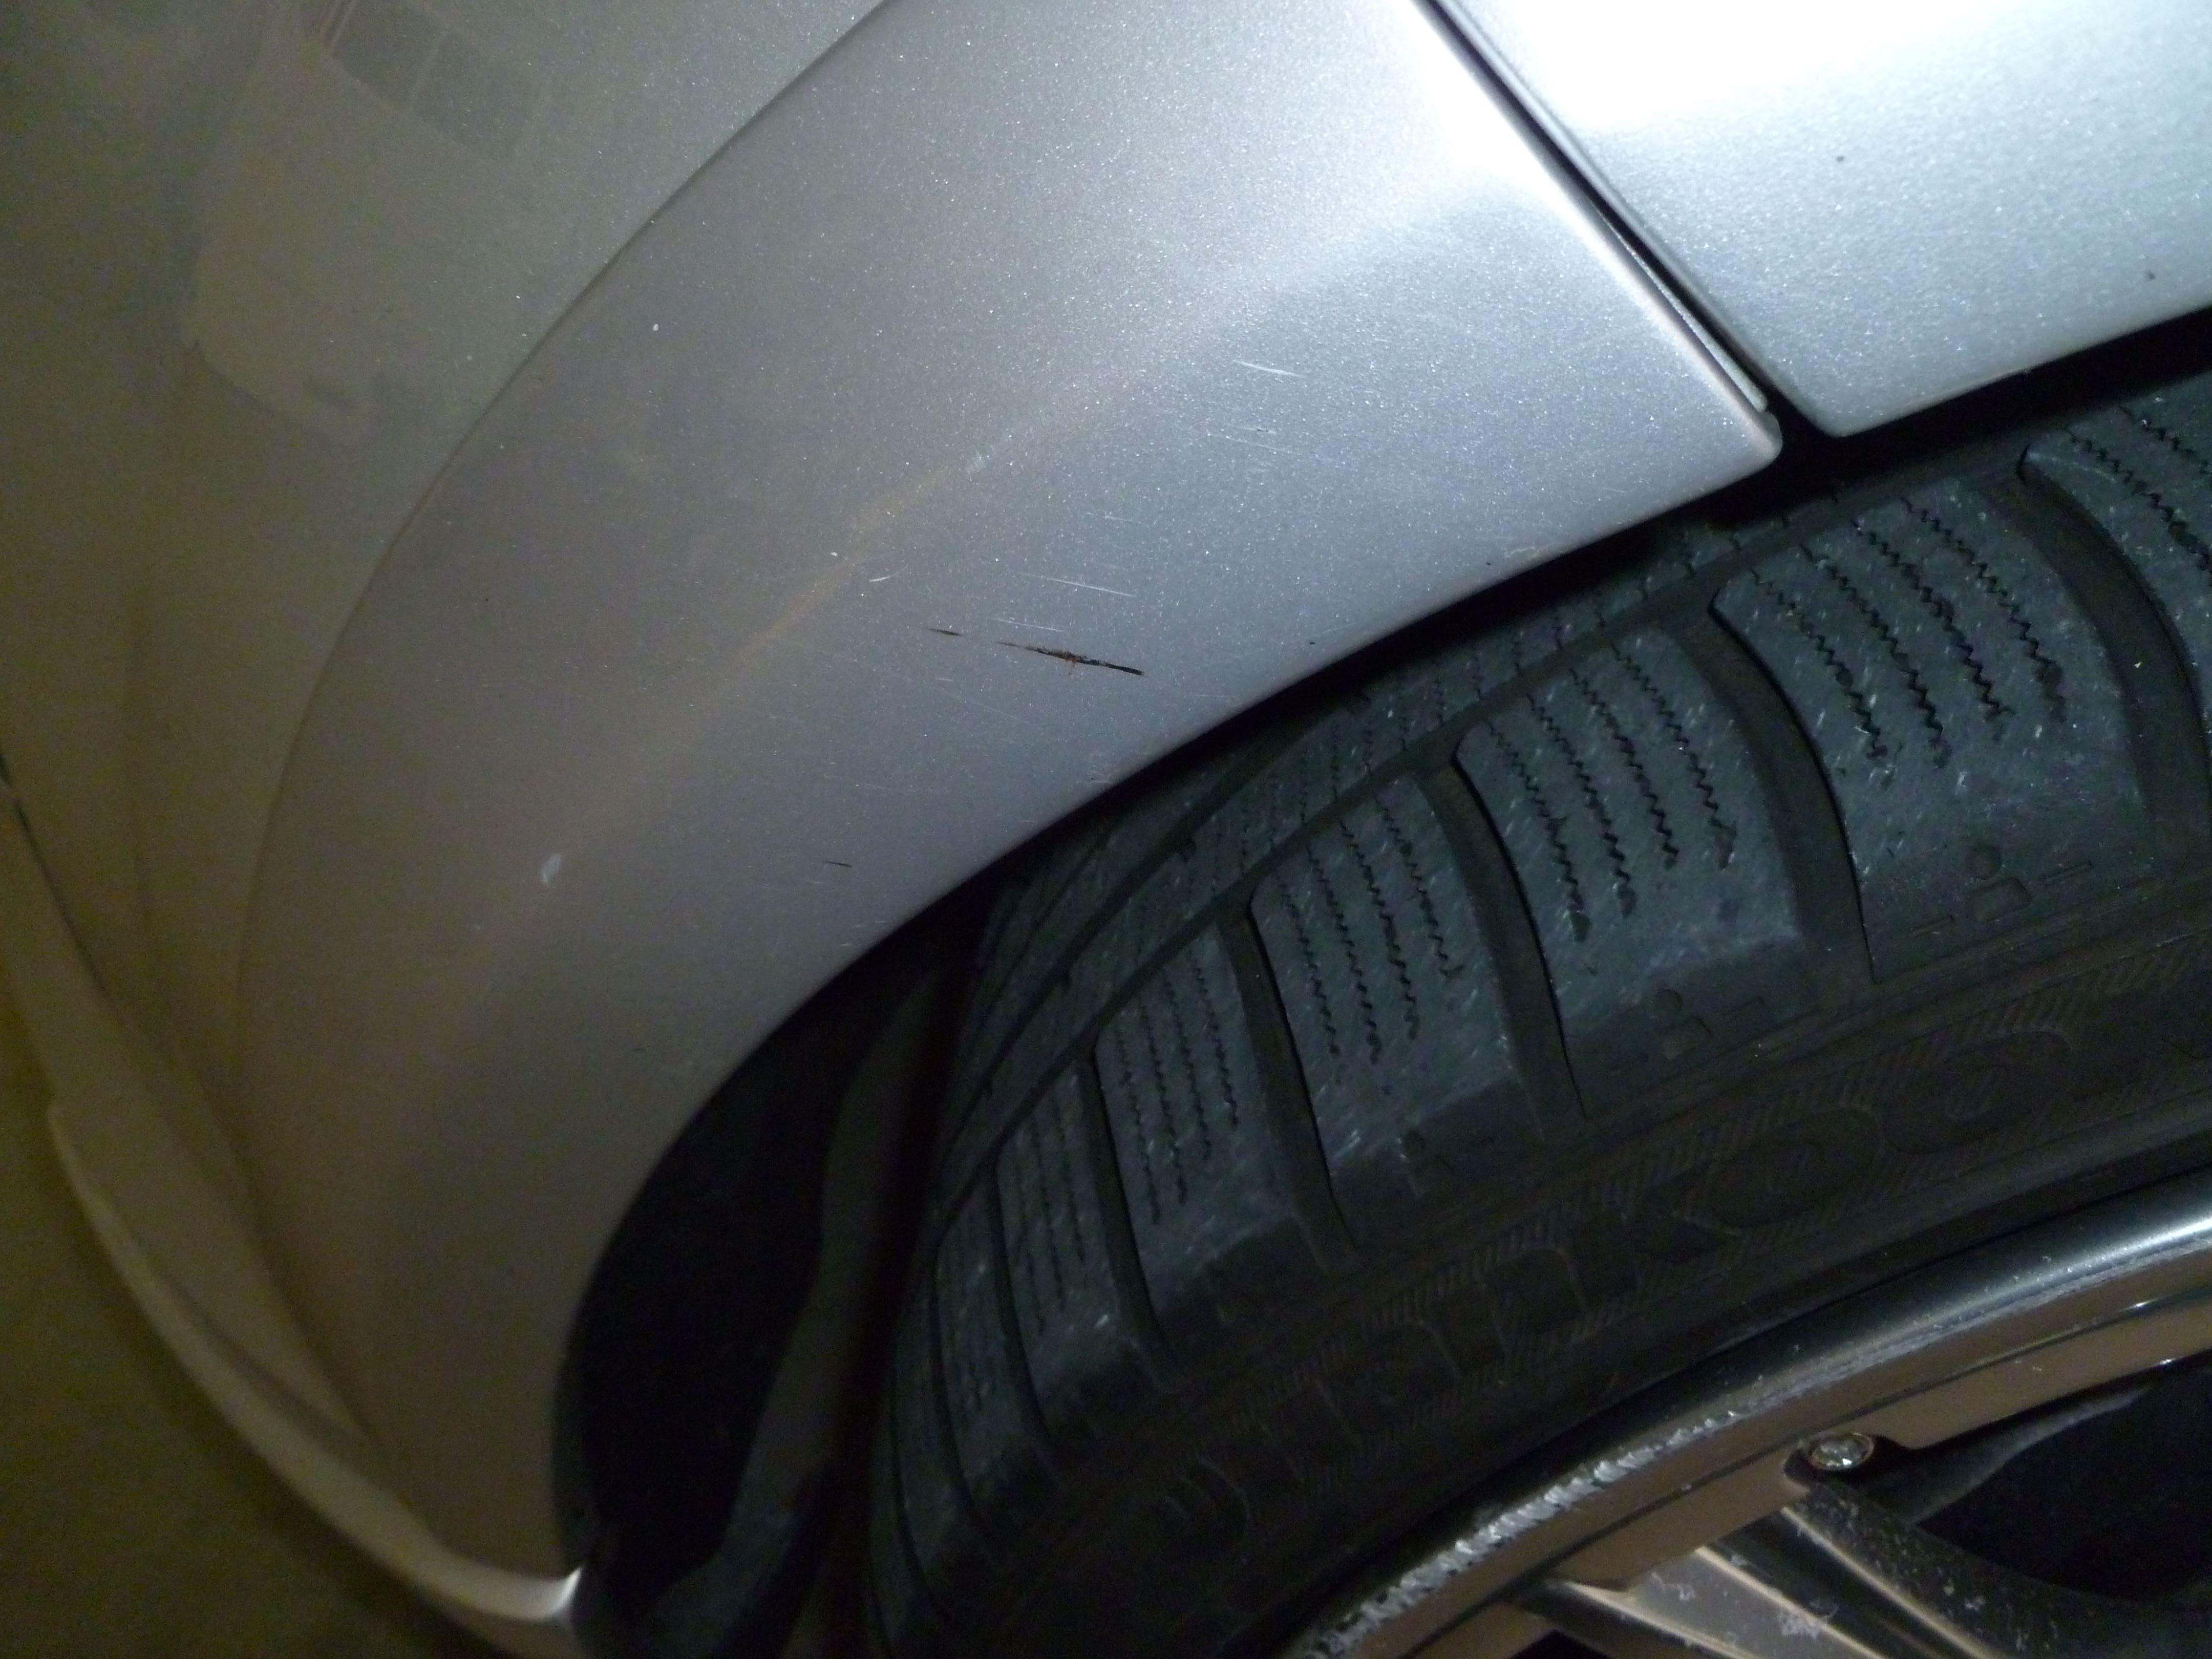 Audi Q7 met Mat Witte Wrap, Carwrapping door Wrapmyride.nu Foto-nr:4948, ©2021